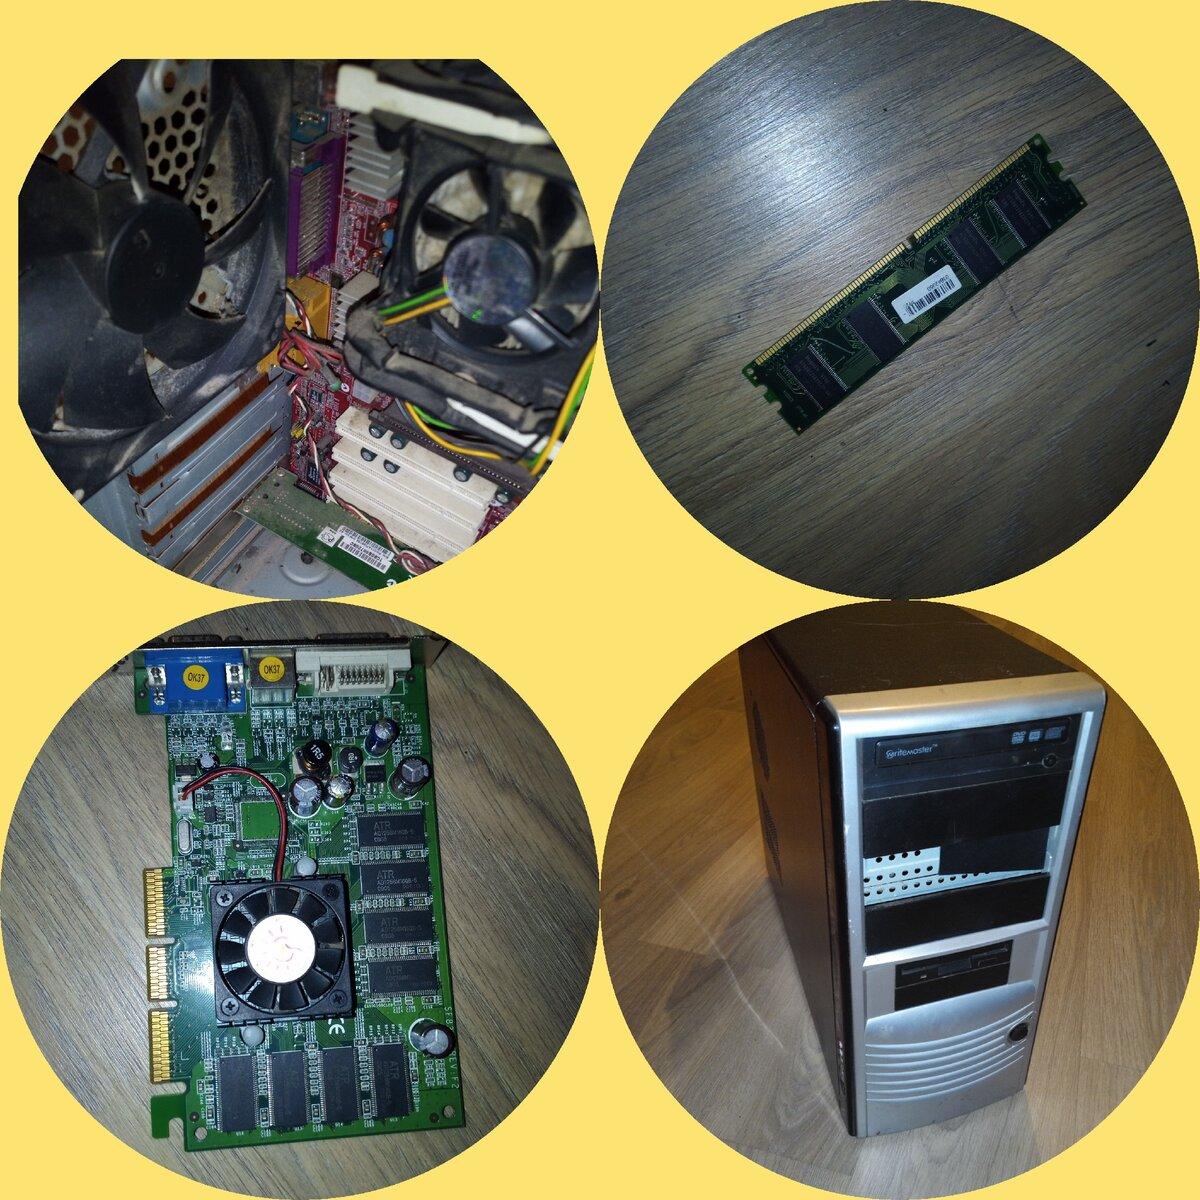 Что такое апгрейд компьютера и как его сделать?  | техника и интернет | школажизни.ру